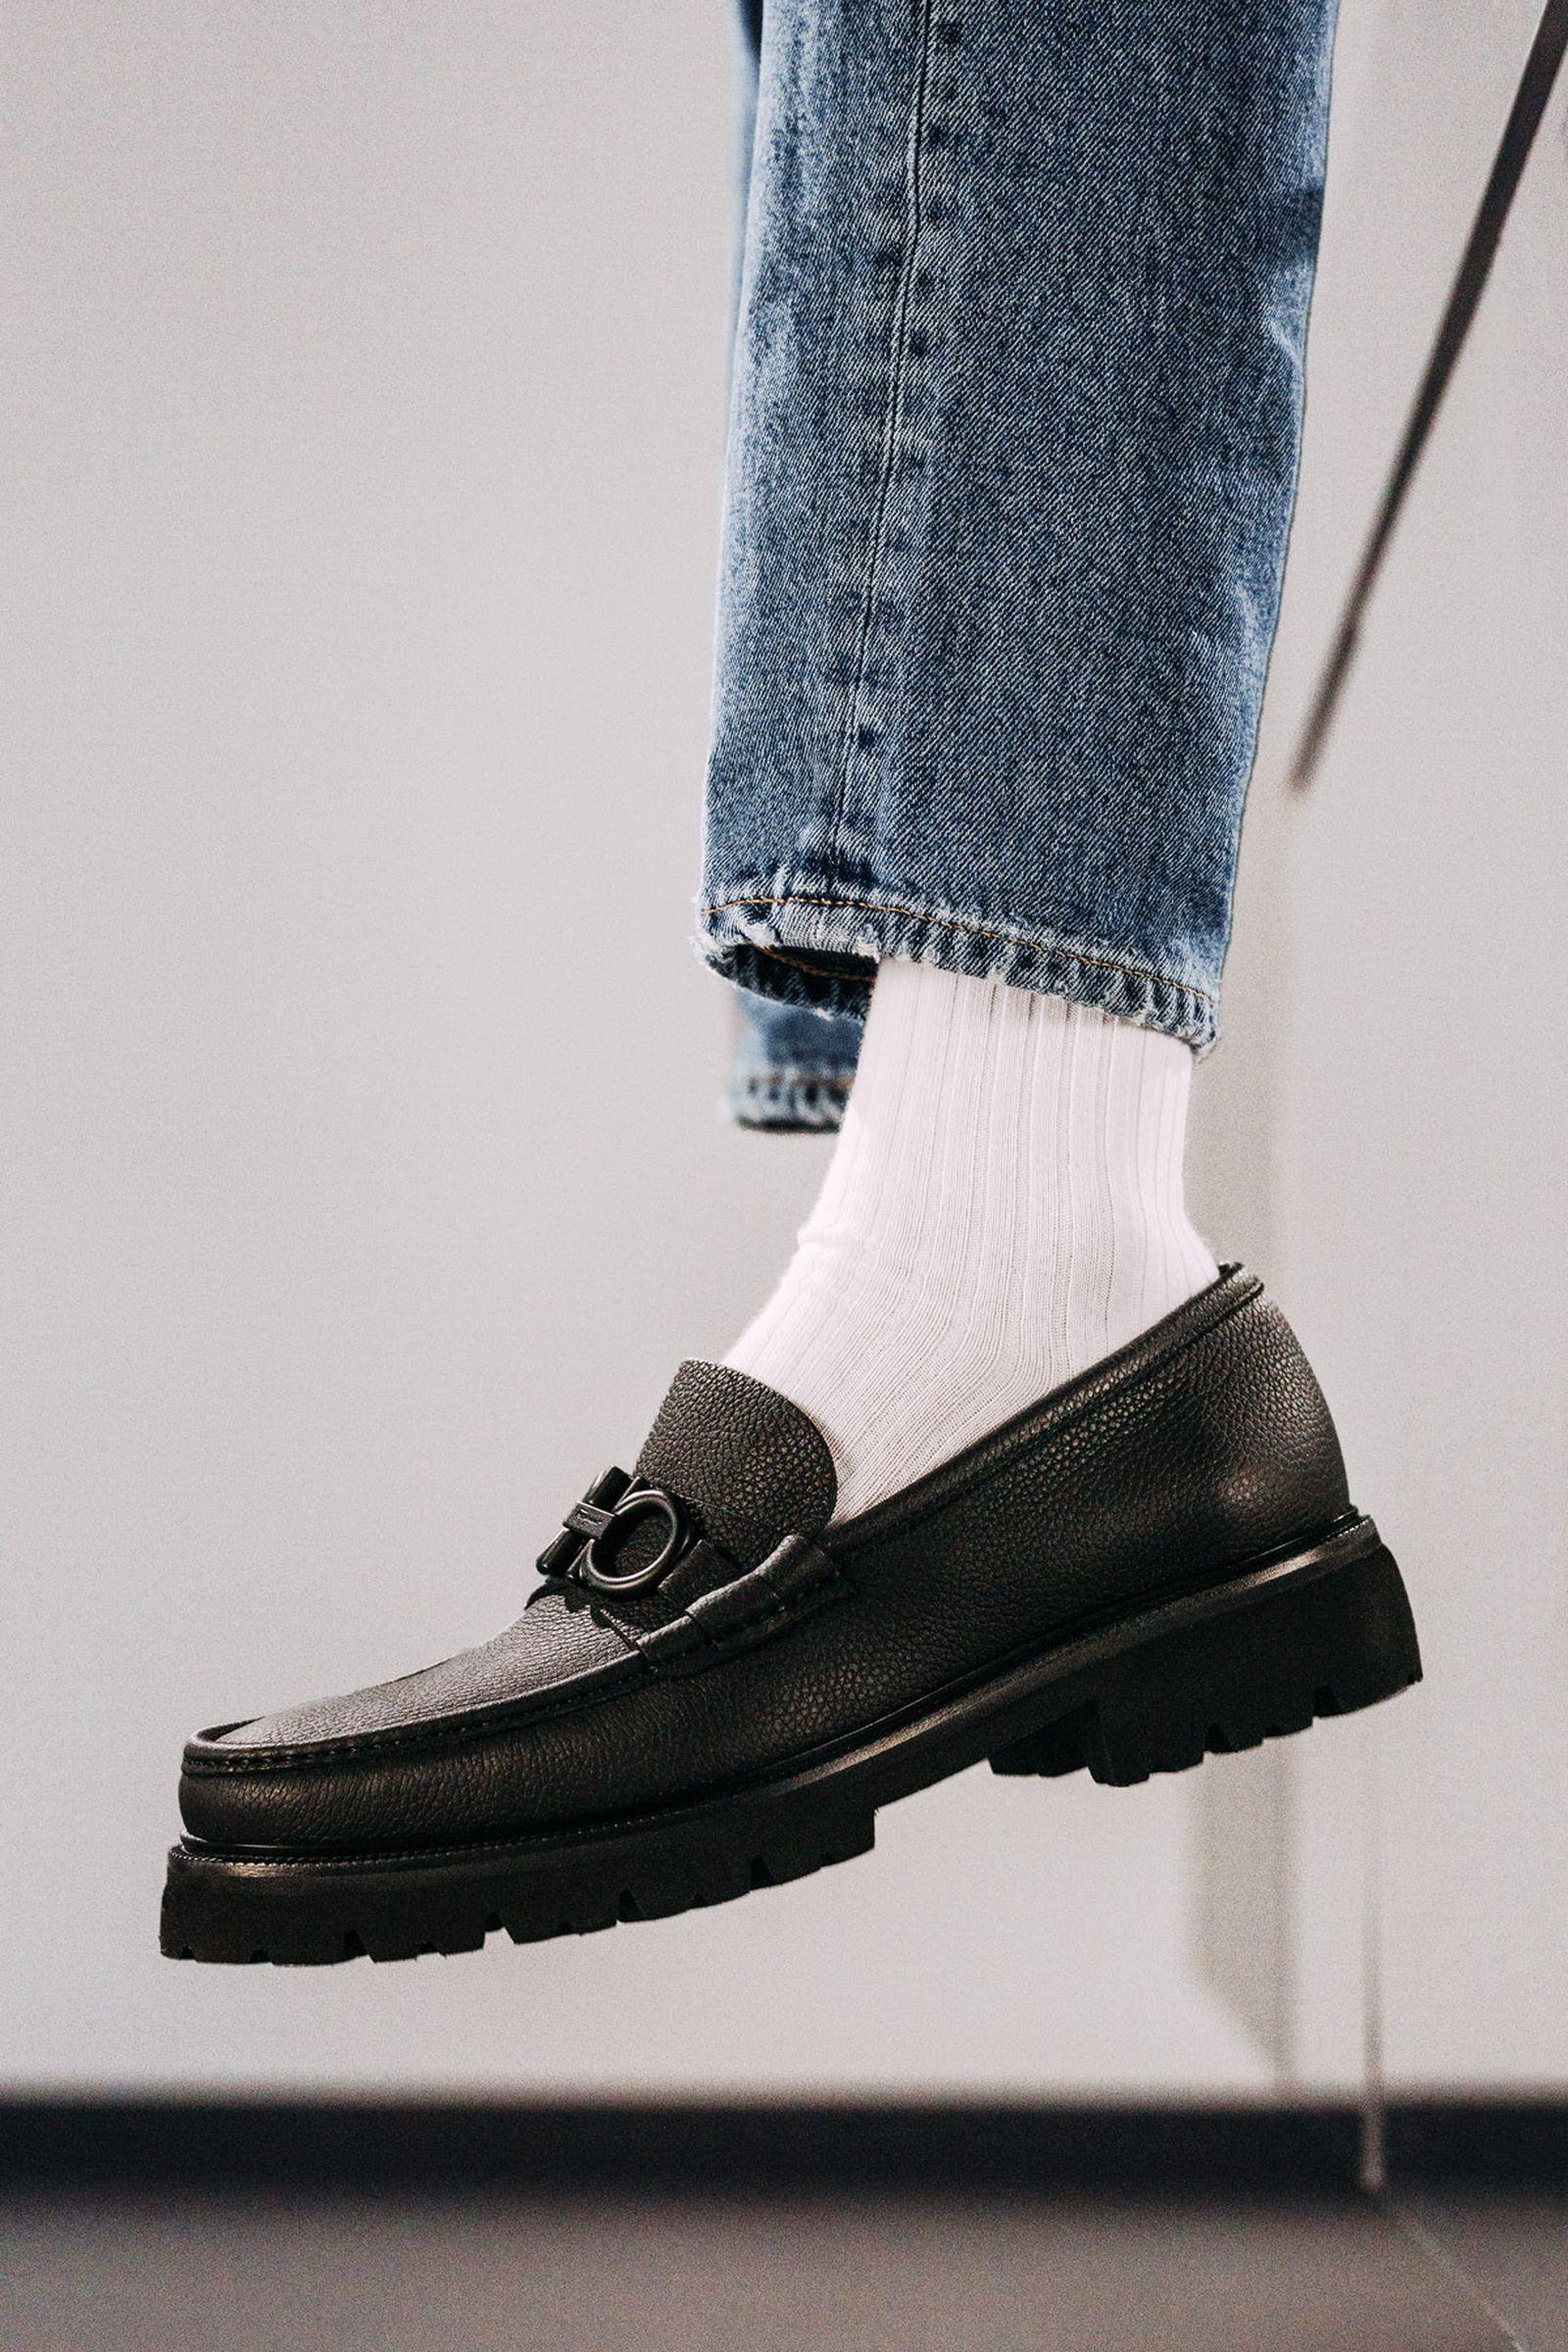 ferragamo-footwear-style-guide-15